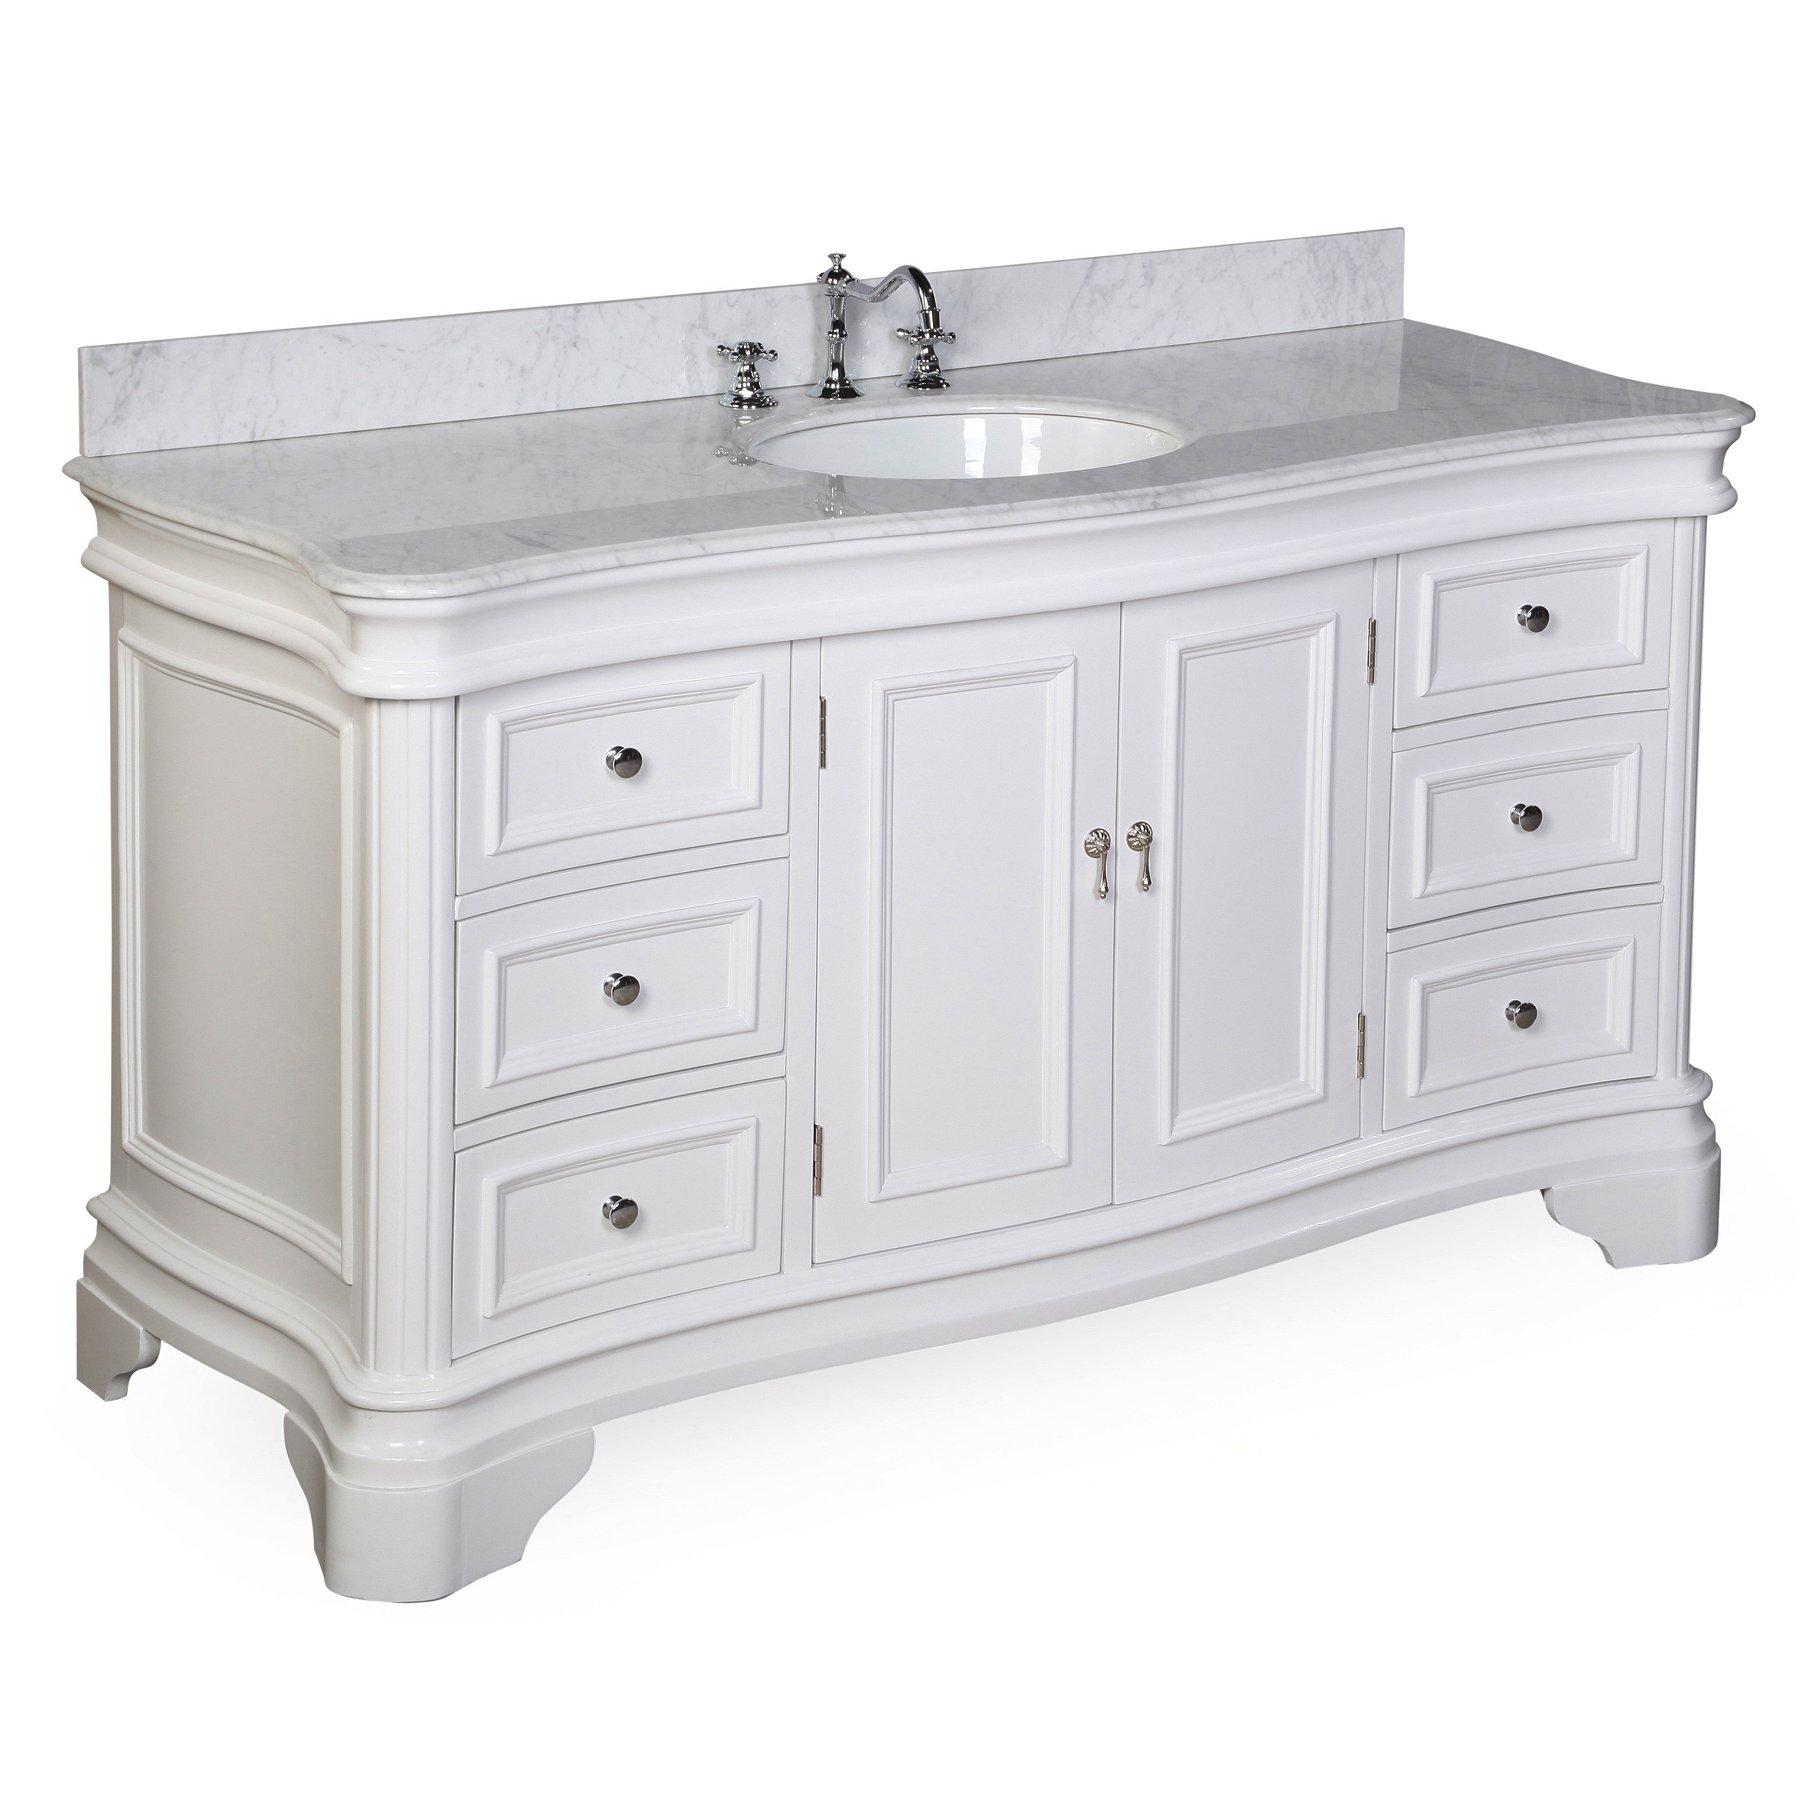 Best Rated in Bathroom Vanities & Helpful Customer Reviews - Amazon.com